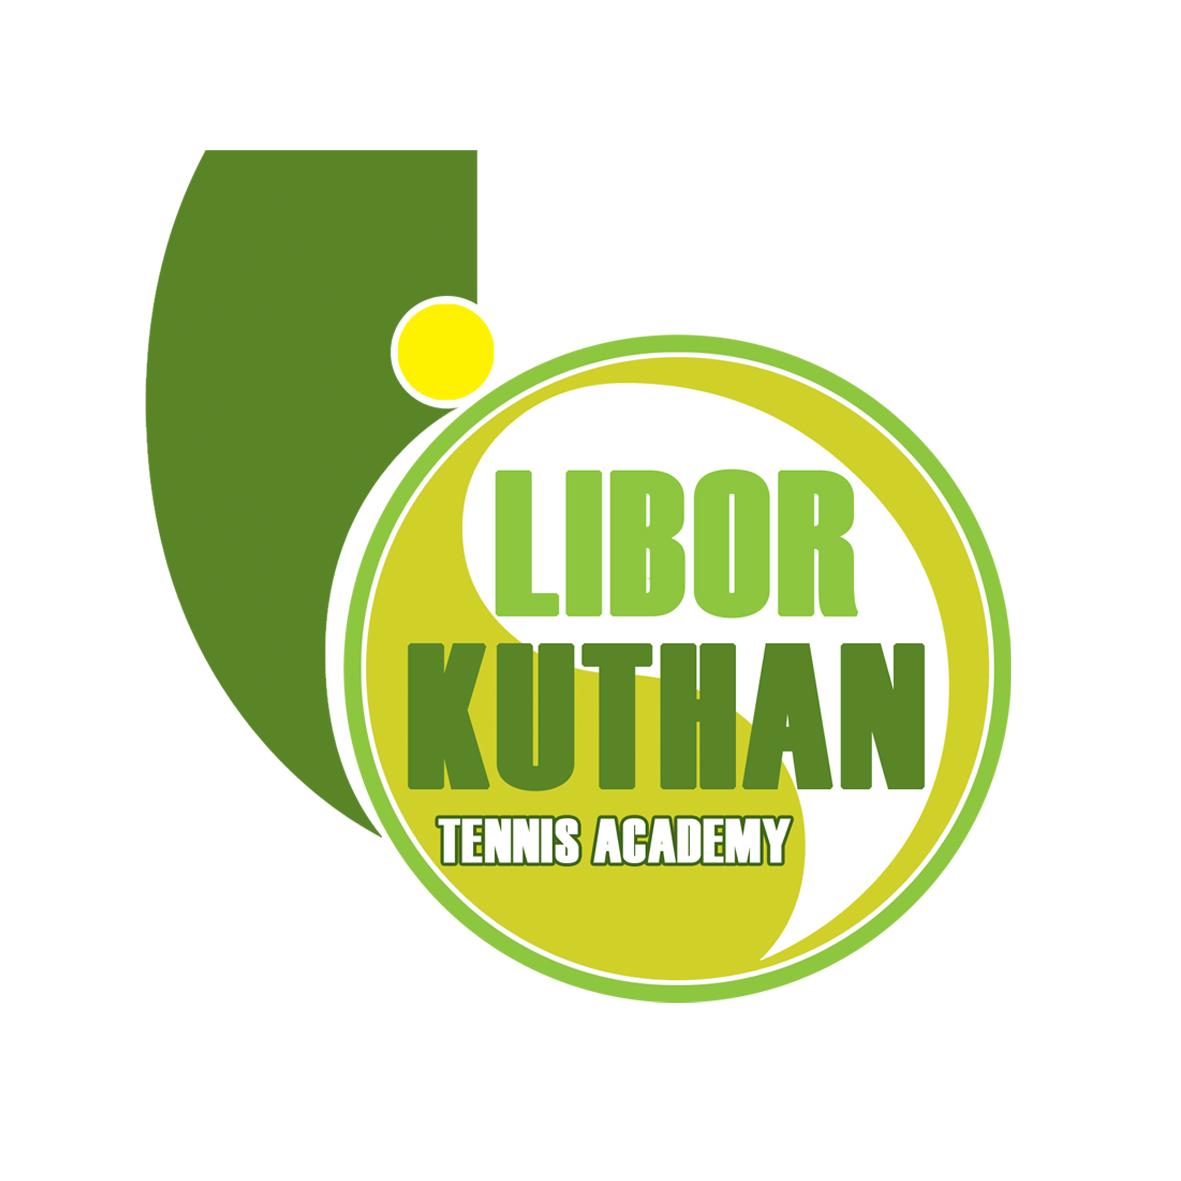 Libor Kuthan Tennis Academy